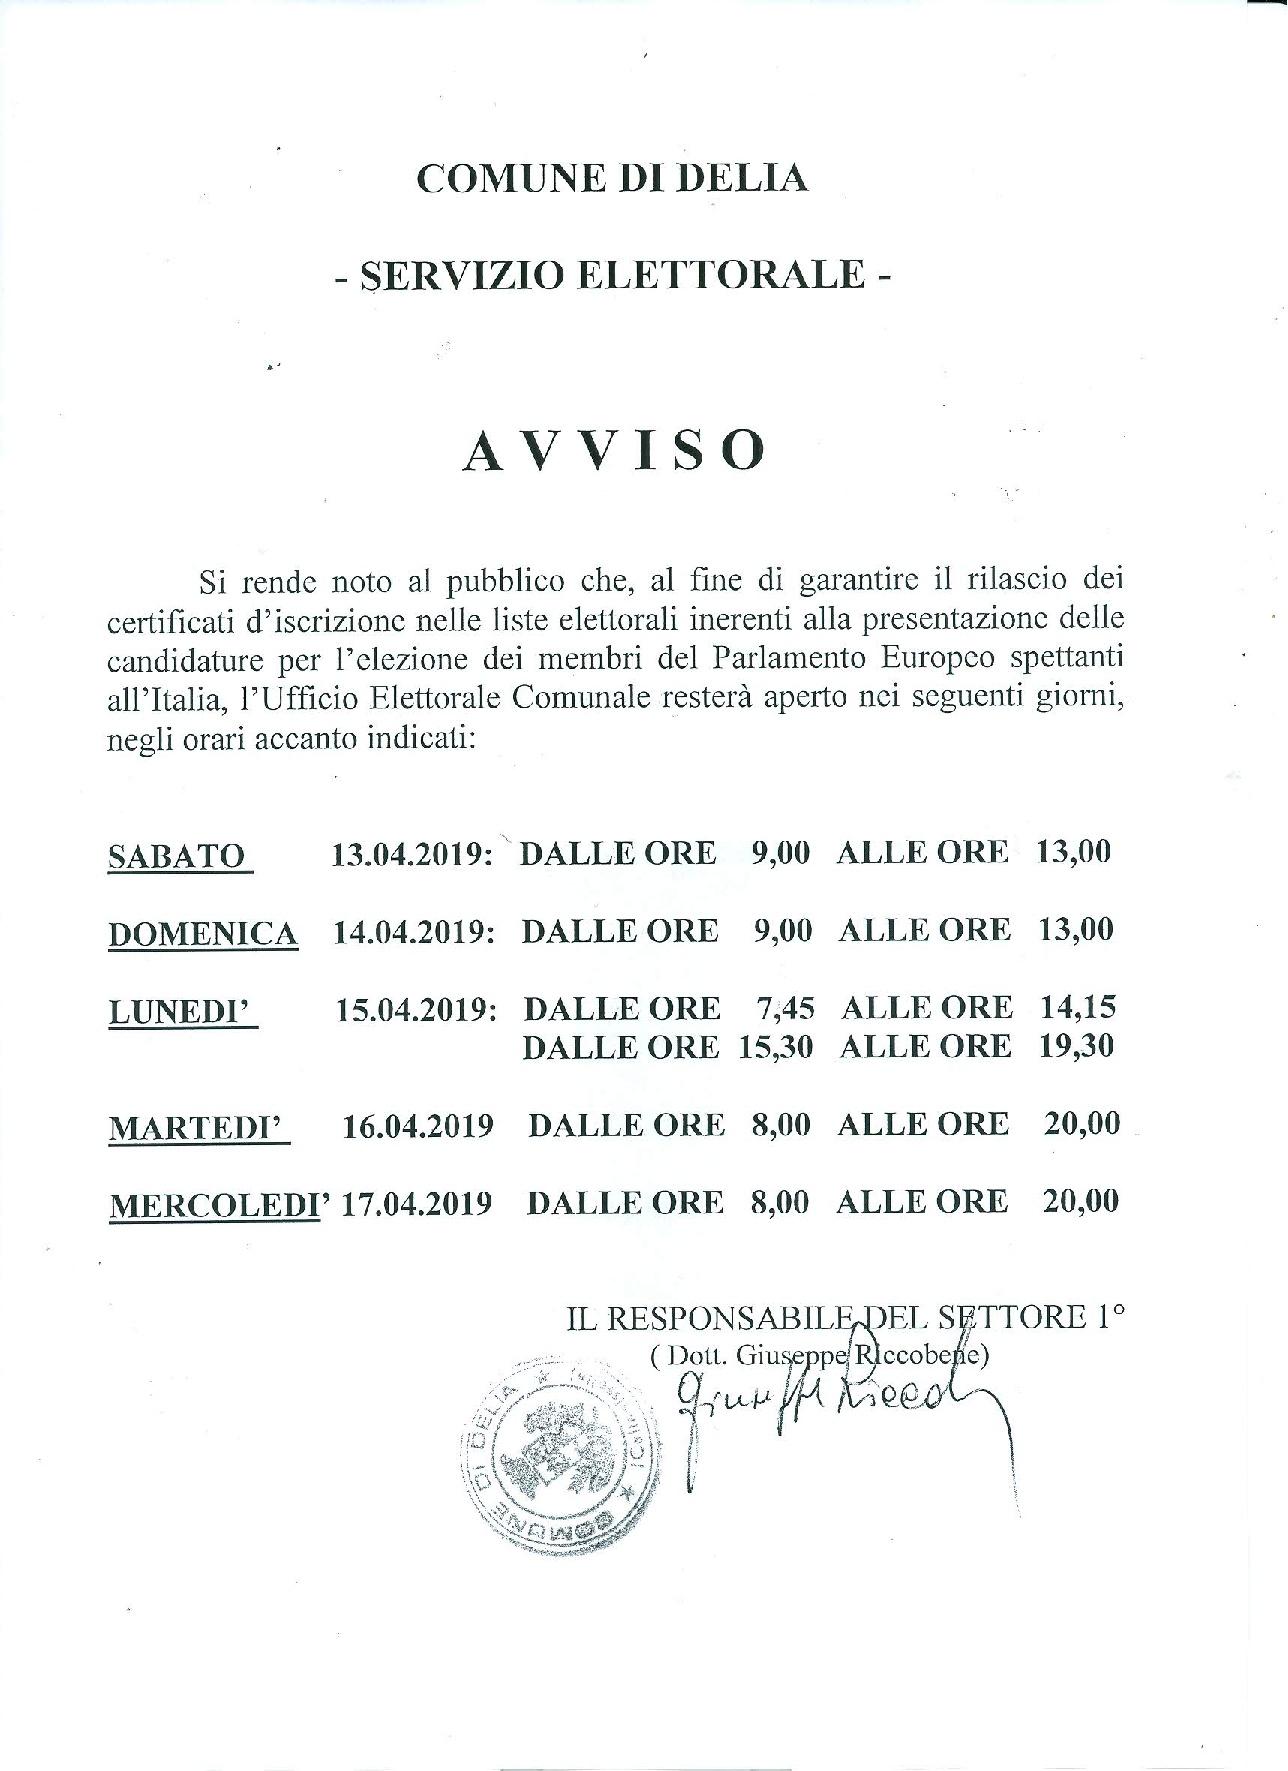 AVVISO - COMUNE DI DELI -SERVIZIO ELETTORALE-